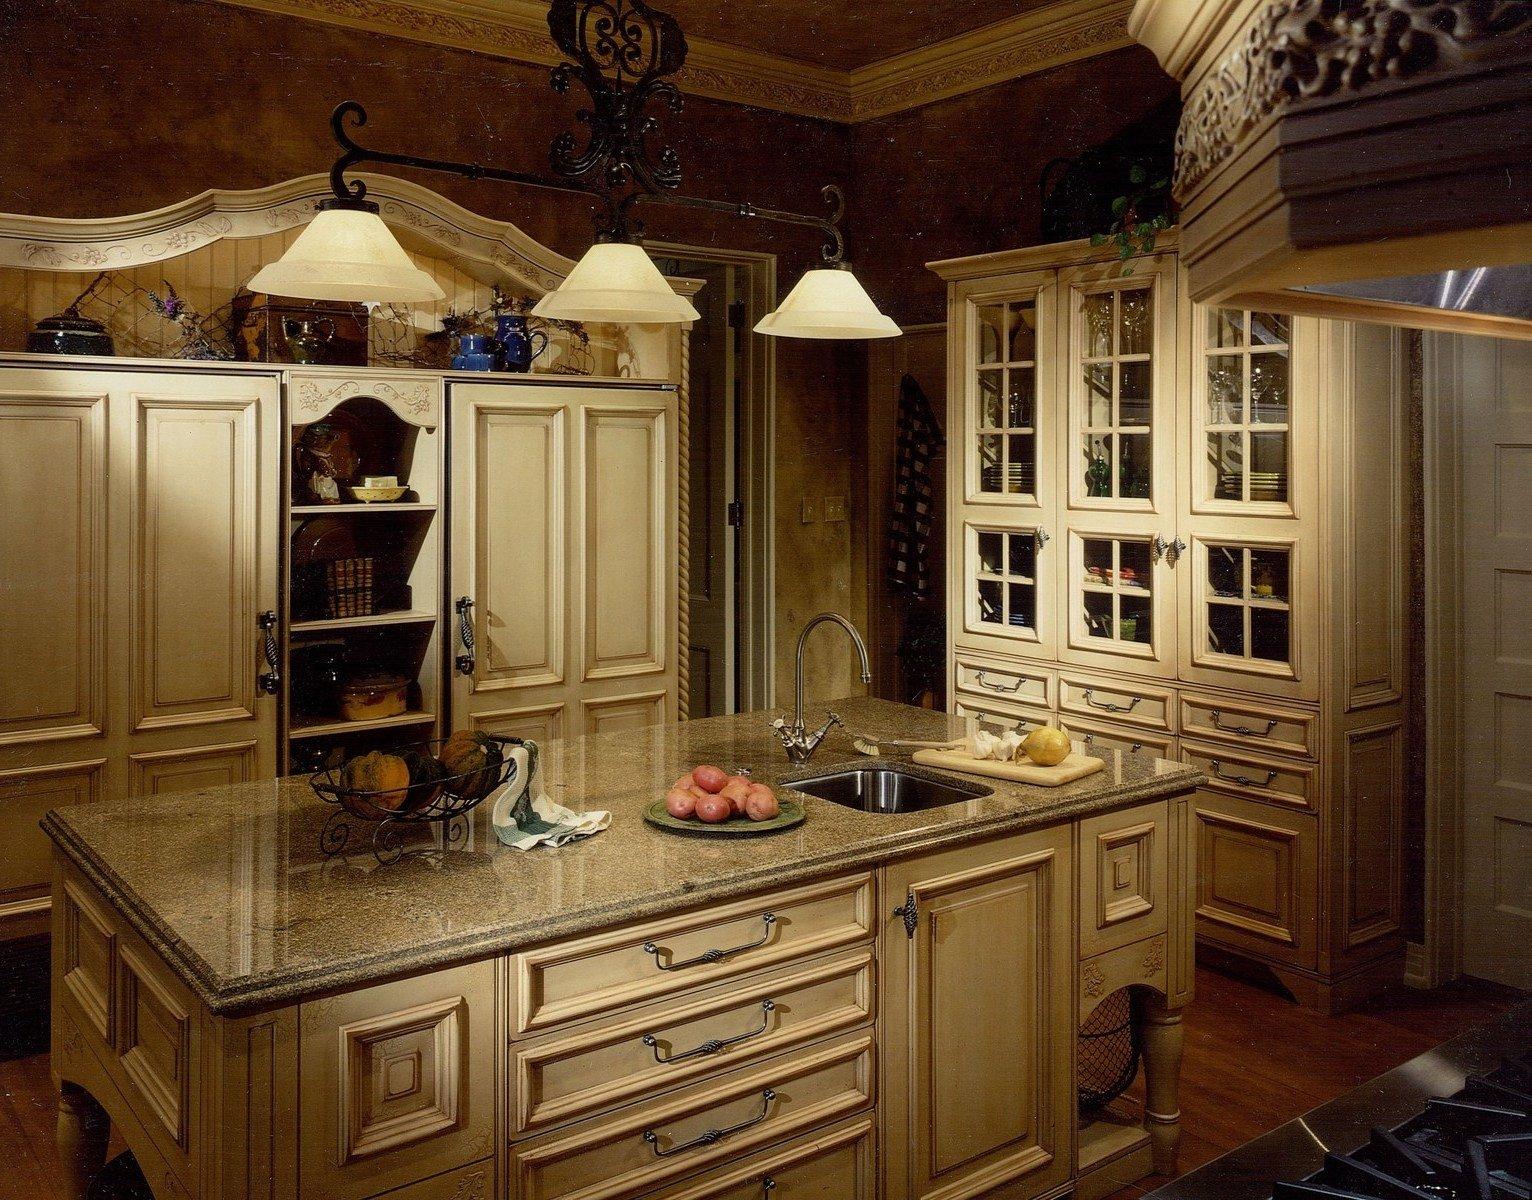 Schicke romantische Küche im Landhausstil